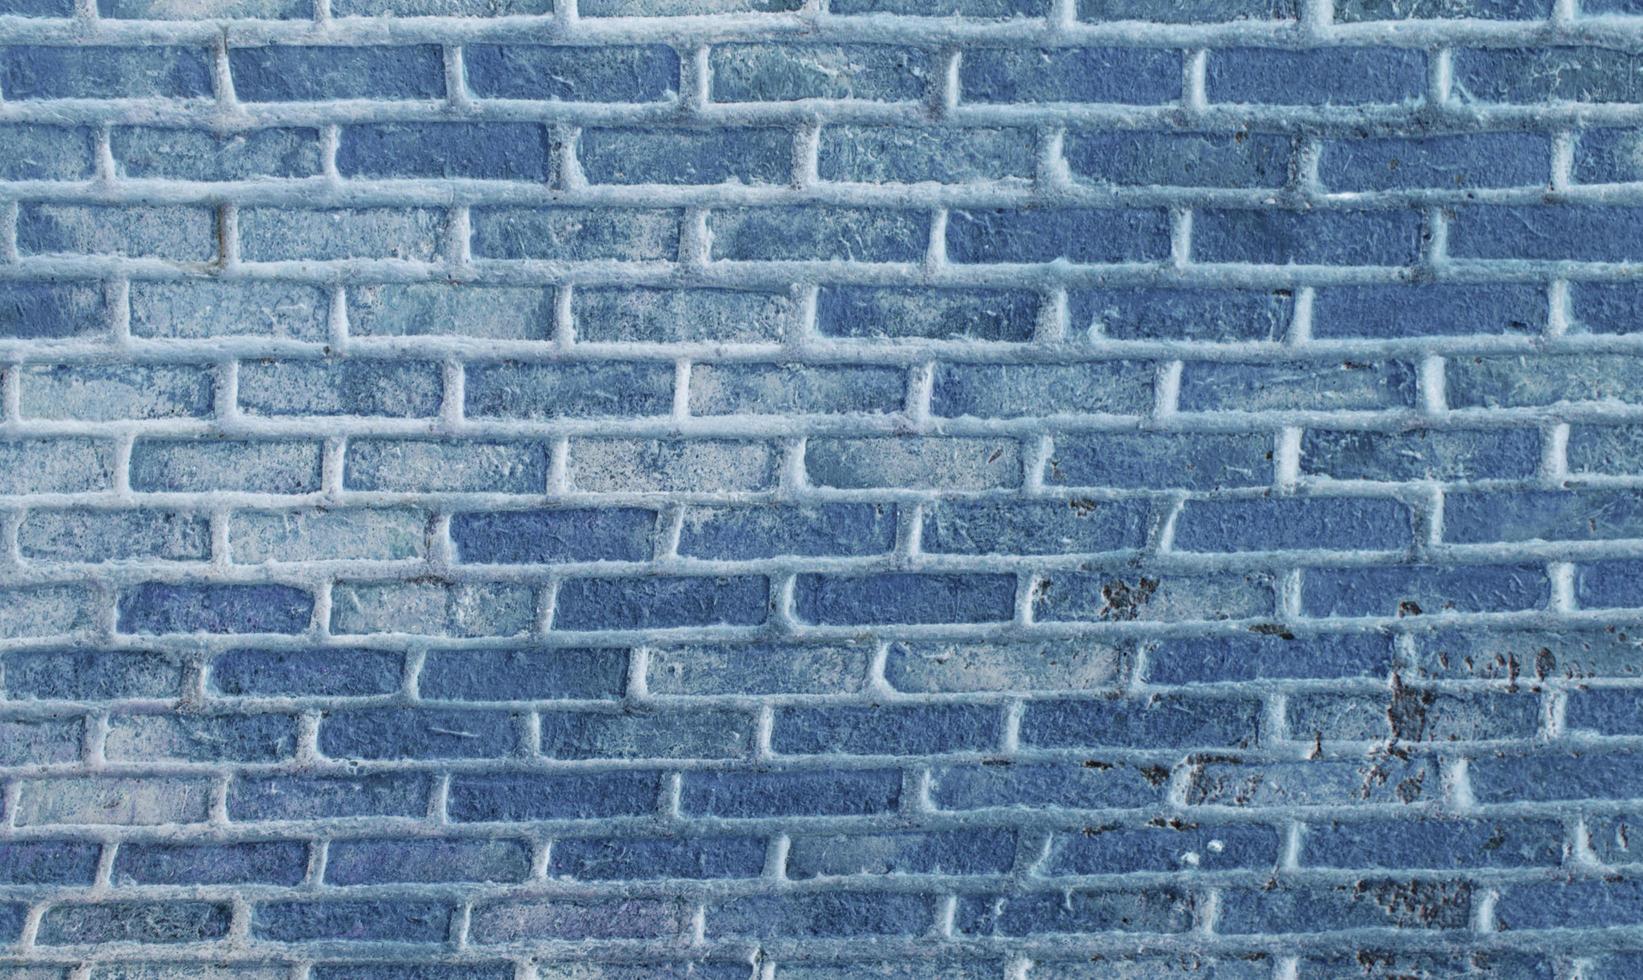 viejo muro de hormigón foto